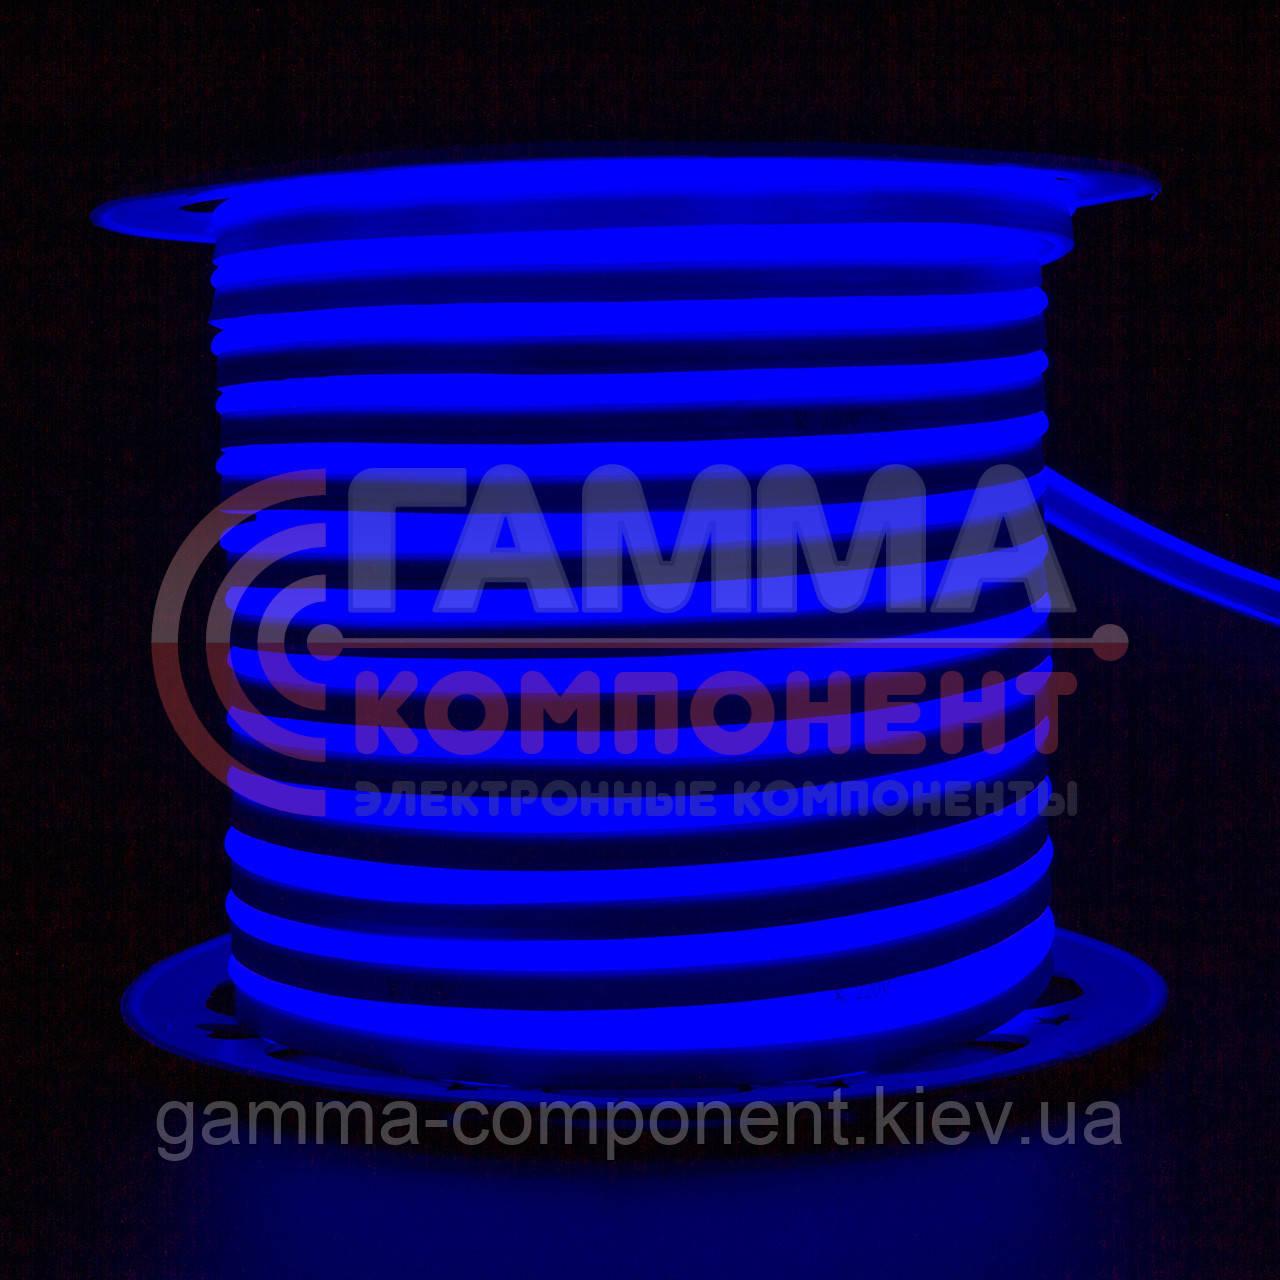 Светодиодный неон 220В синий AVT smd 2835-120 лед/м 7Вт/м, герметичный, бухты по 50 метров